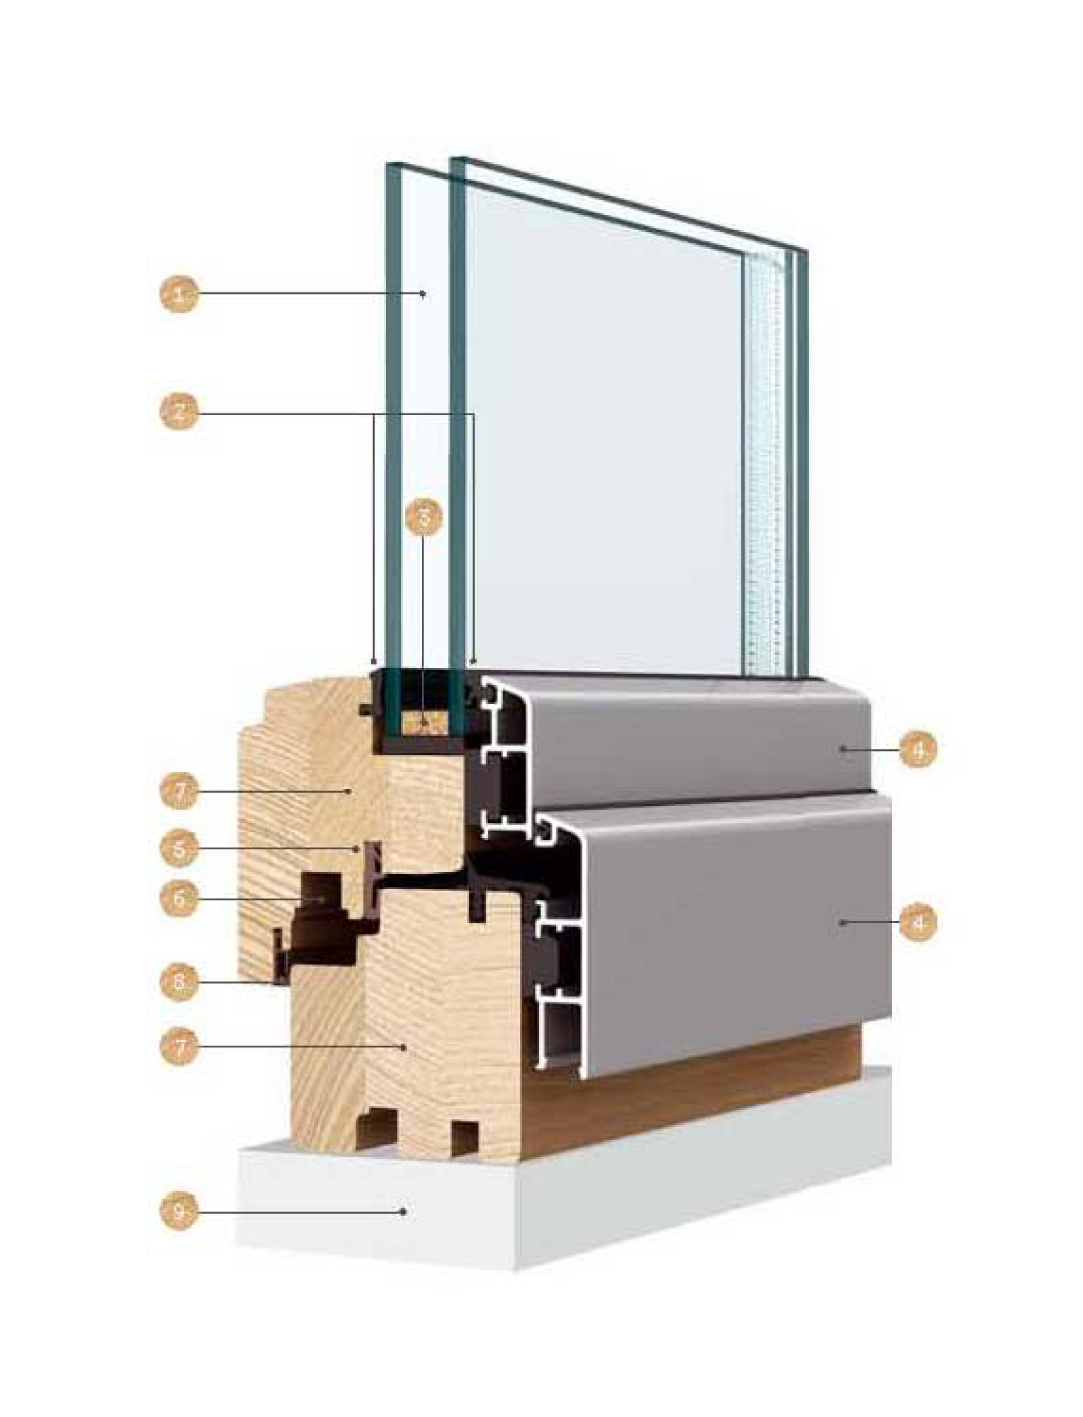 Jednotlivé části dřevohliníkových oken